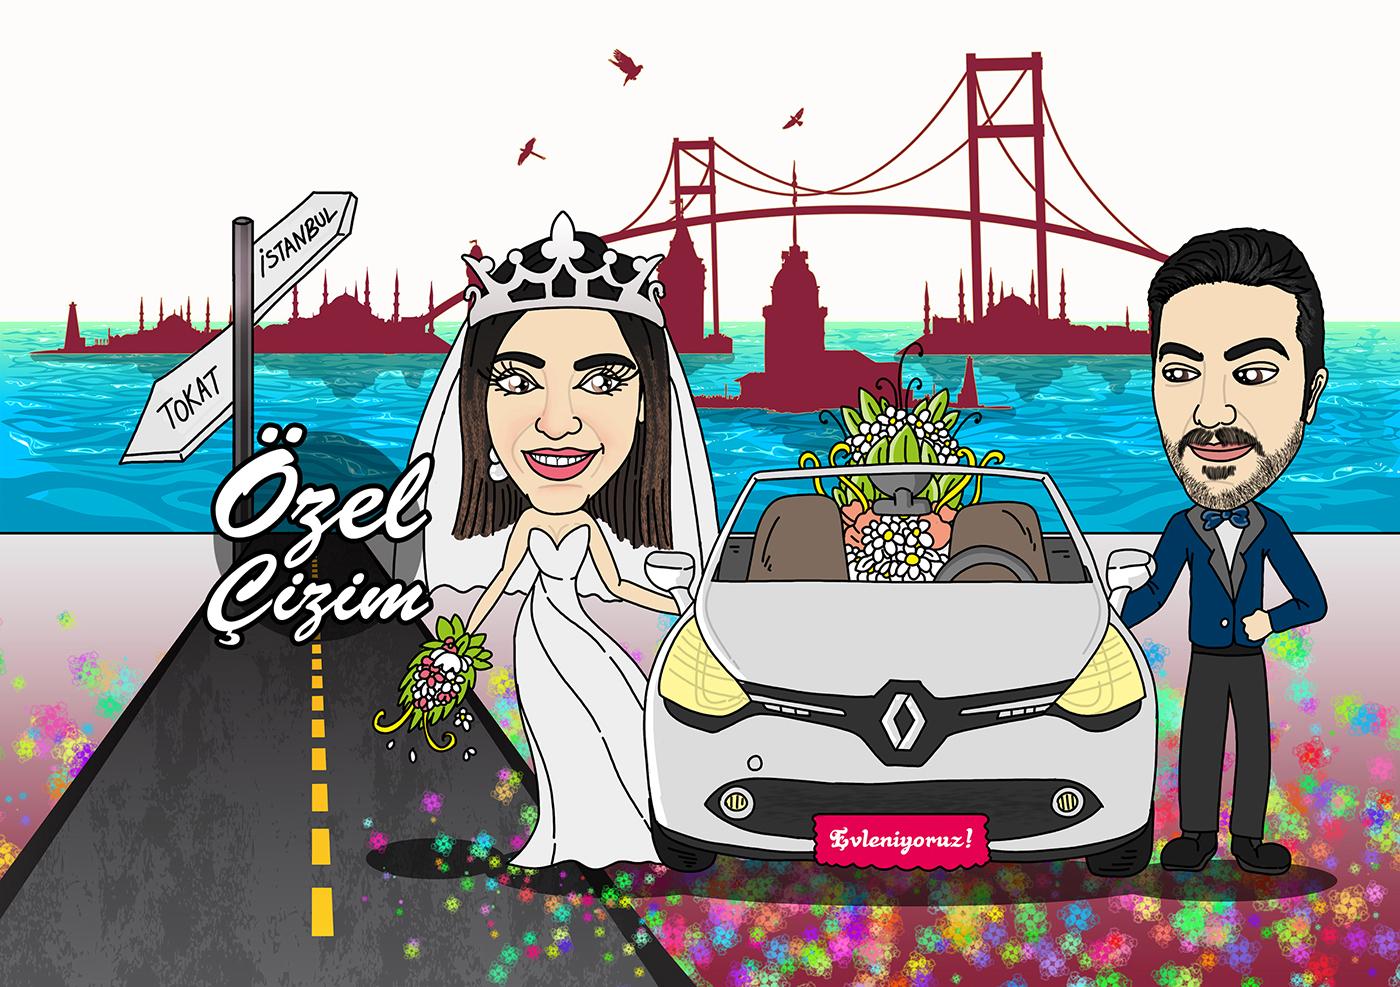 düğün davetiyesi, özel düğün davetiyesi, düğün davetiyeleri, davetiye fikirleri, ucuz güzel davetiye fikirleri, davetiye alternatifleri, karikatürlü davetiye, davetiye çizim, eğlenceli davetiye,